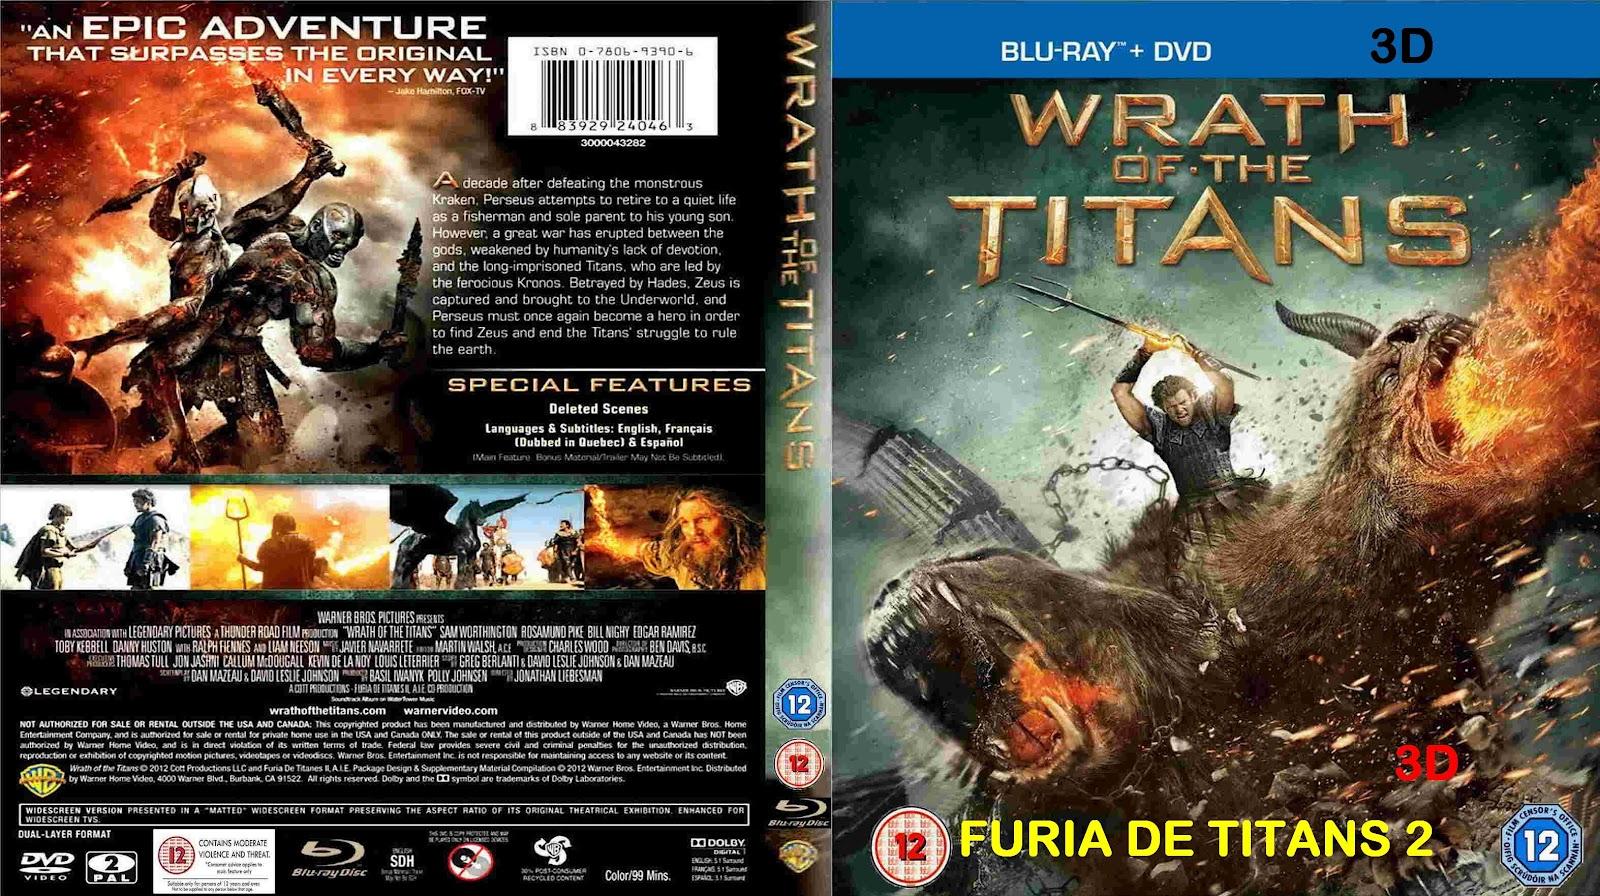 http://2.bp.blogspot.com/-ldtTq2f1res/T90YMq10ESI/AAAAAAAADPU/h_vQ4xO0S2E/s1600/FURIA+DE+TITANS+BLURAY+CAPA+2+3D.JPG